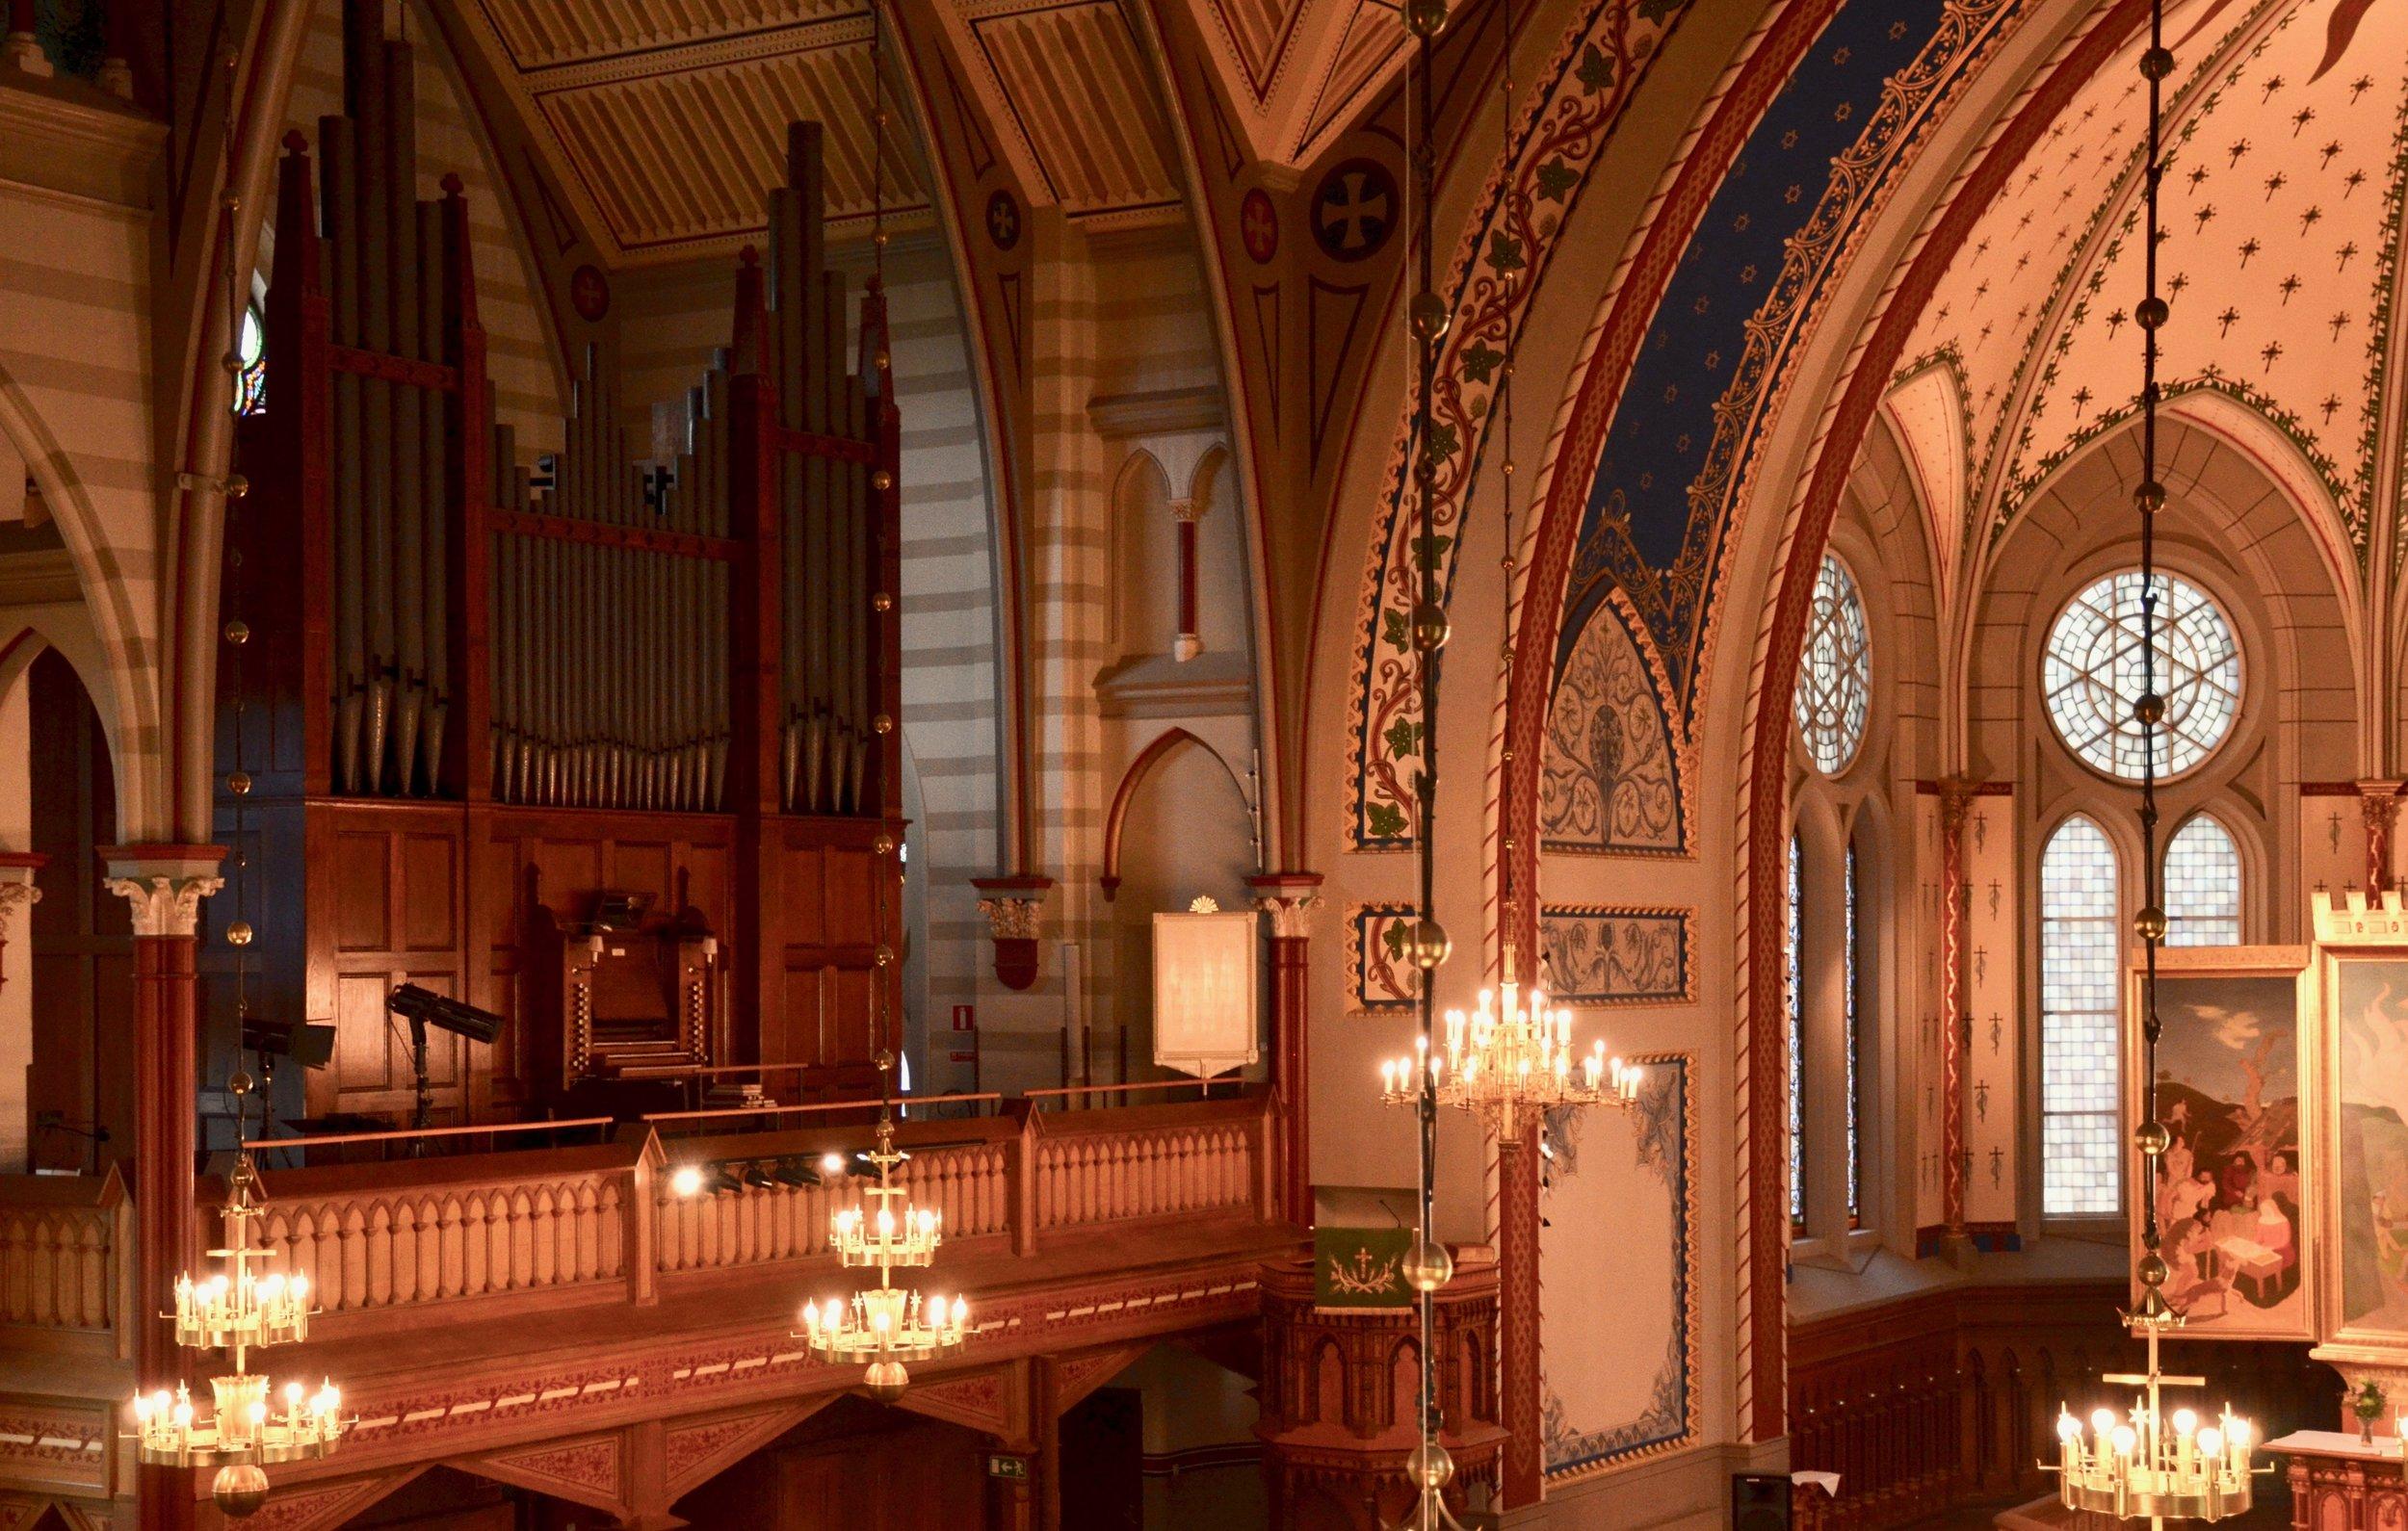 1871 Willis Organ in Örgryte New Church, Göteborg, Sweden.